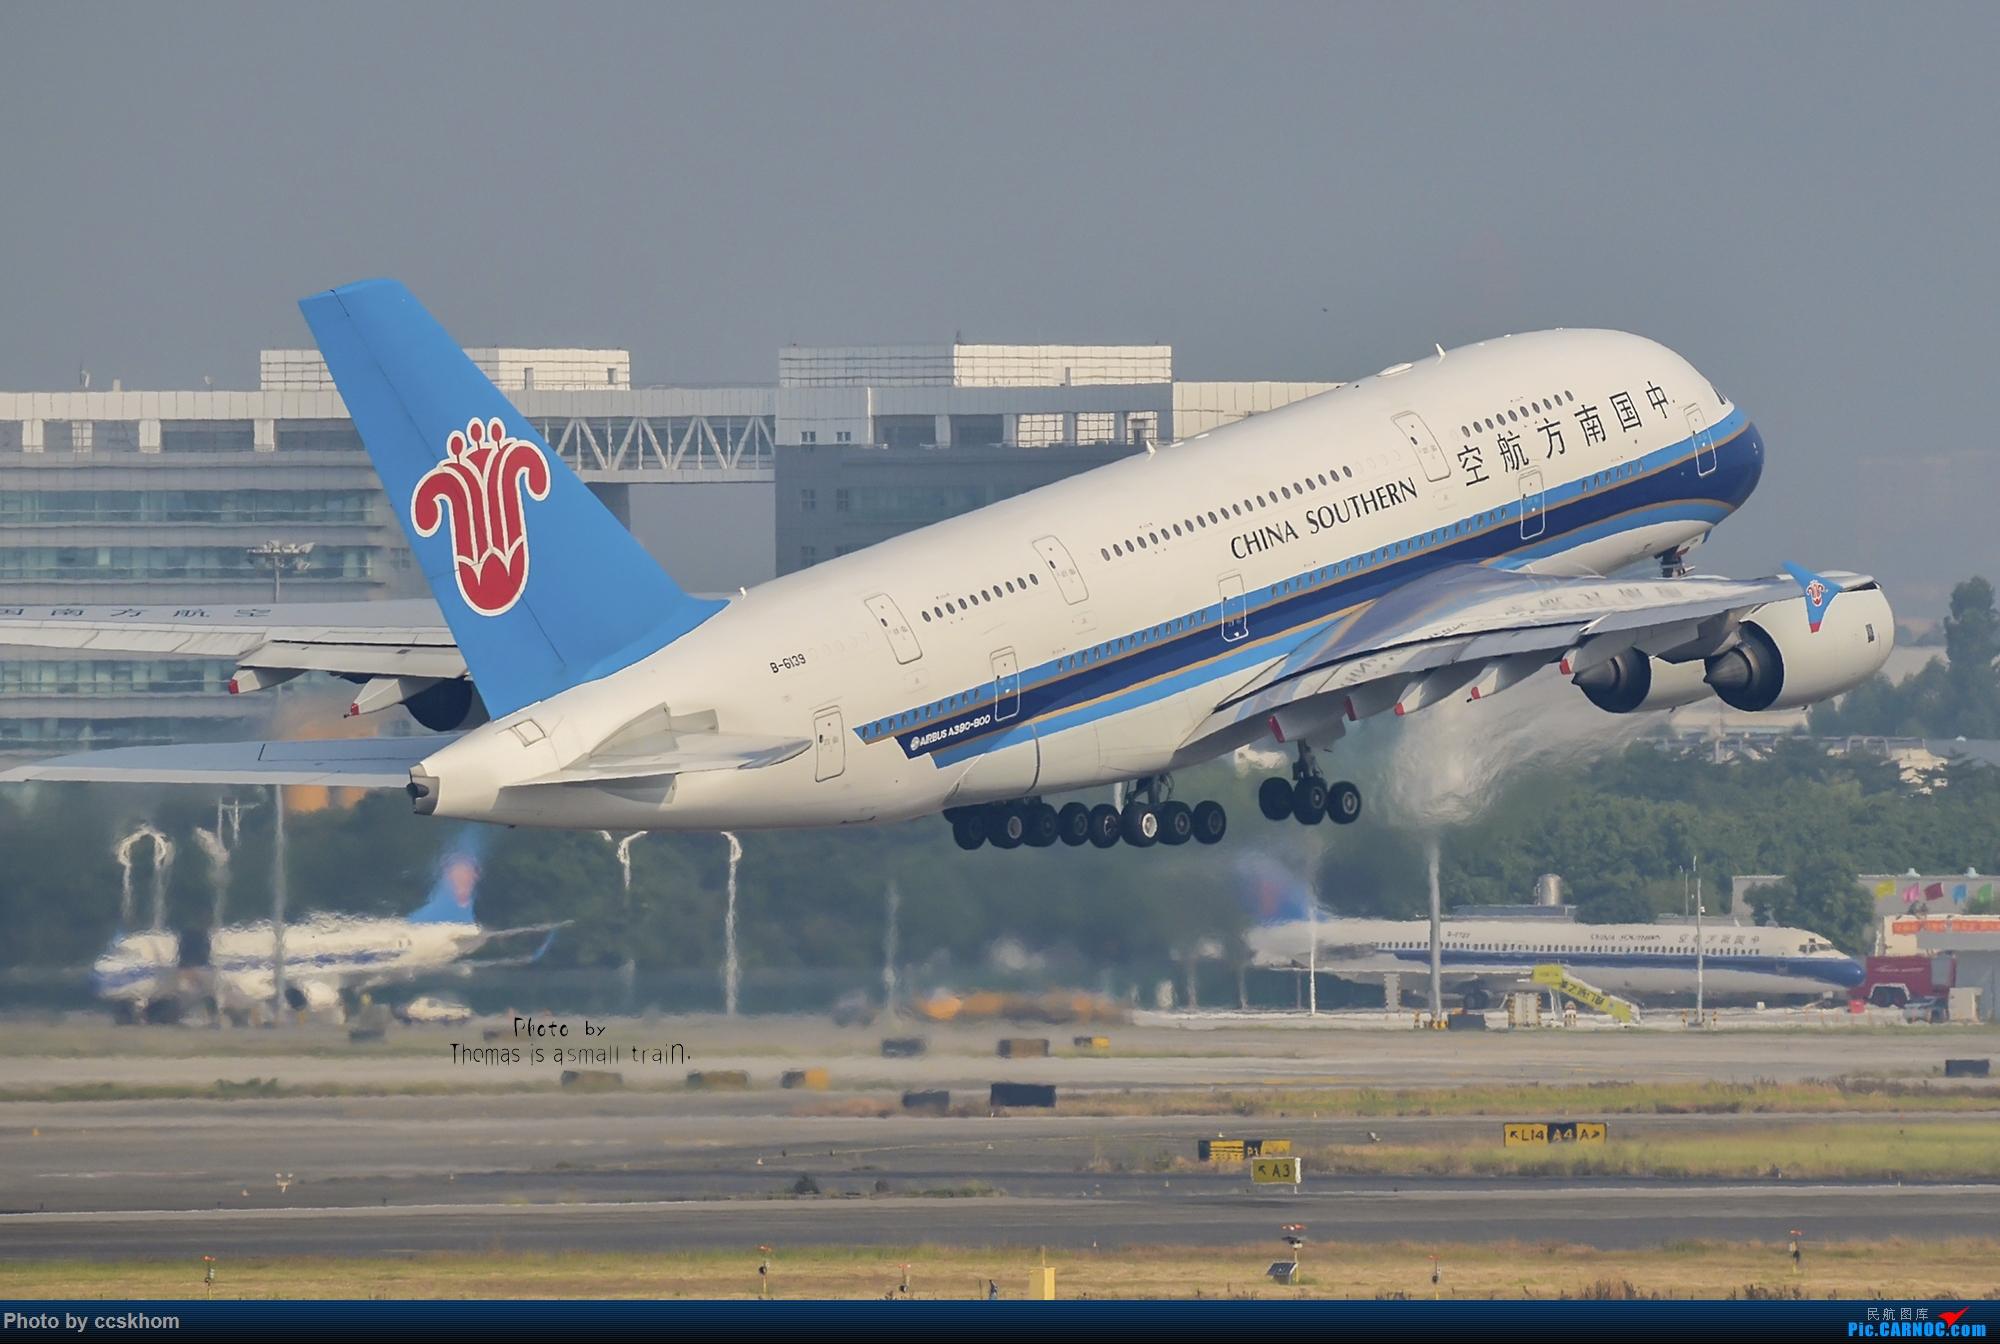 Re:[原创]【合肥飞友会.广州打机队】炒冷饭一组随拍 AIRBUS A380 B-6139 中国广州白云国际机场